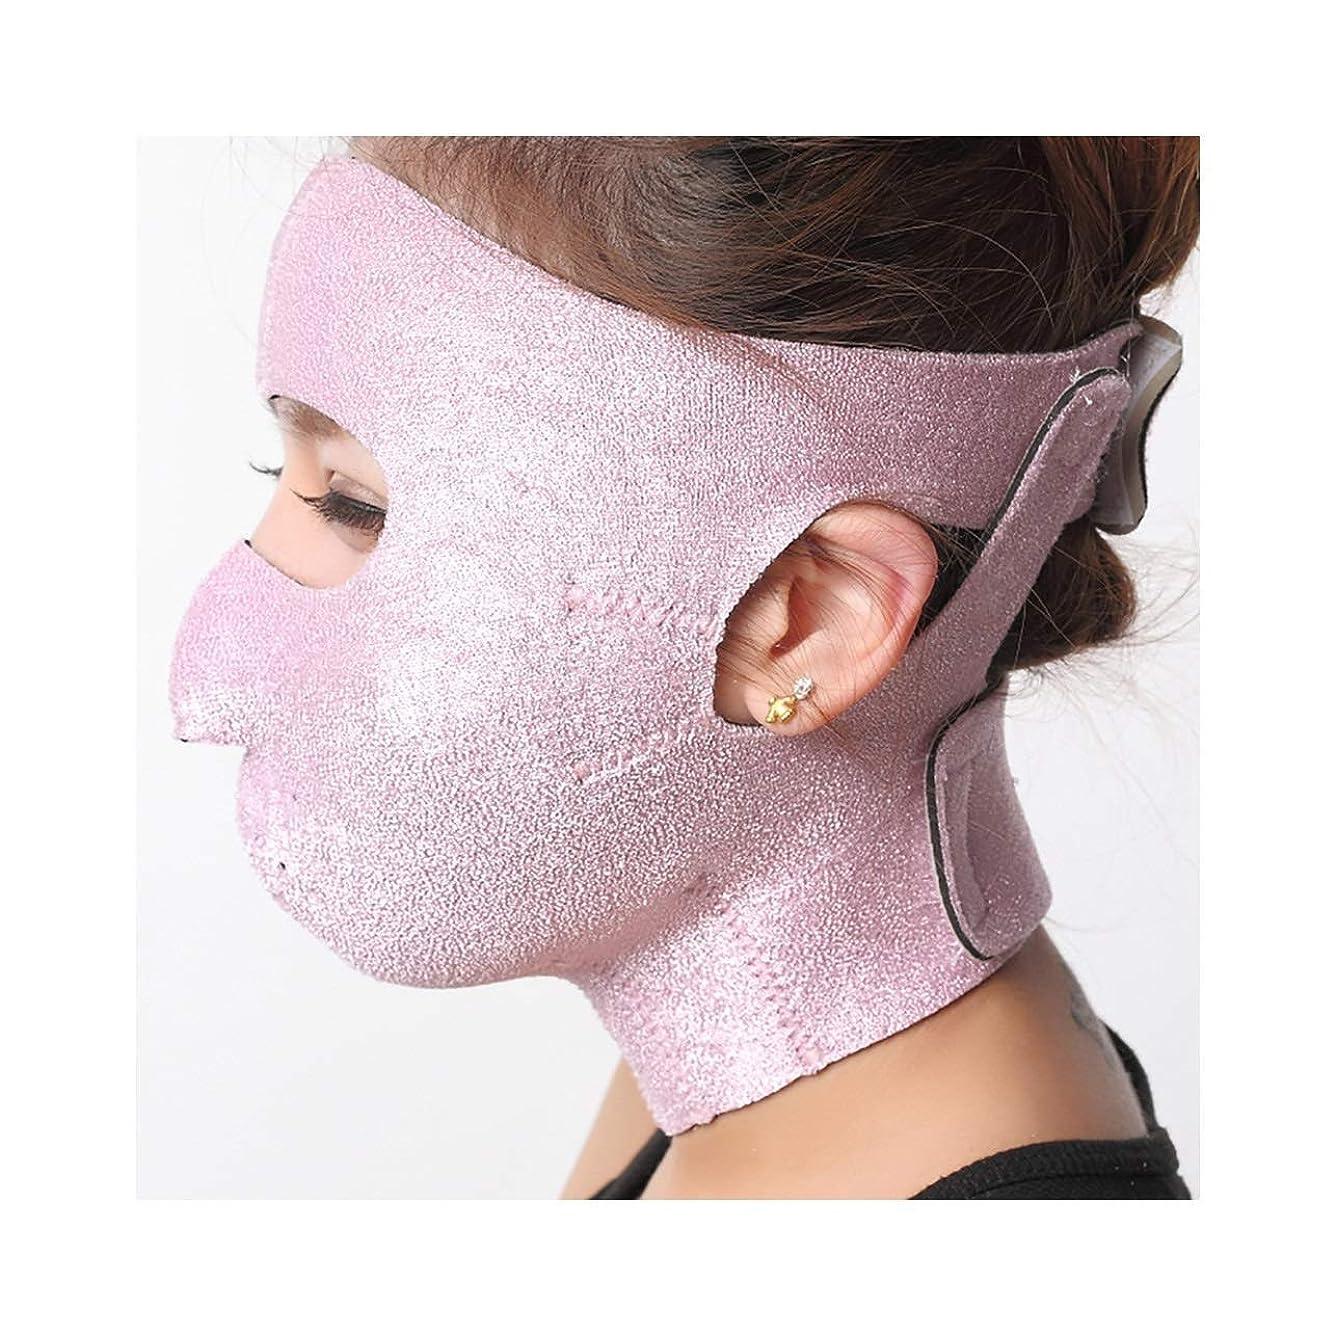 もしいじめっ子慈悲引き締めフェイスマスク、小さなVフェイスアーティファクト睡眠リフティングマスク付き薄型フェイスバンデージマスク引き締めクリームフェイスリフトフェイスメロンフェイス楽器